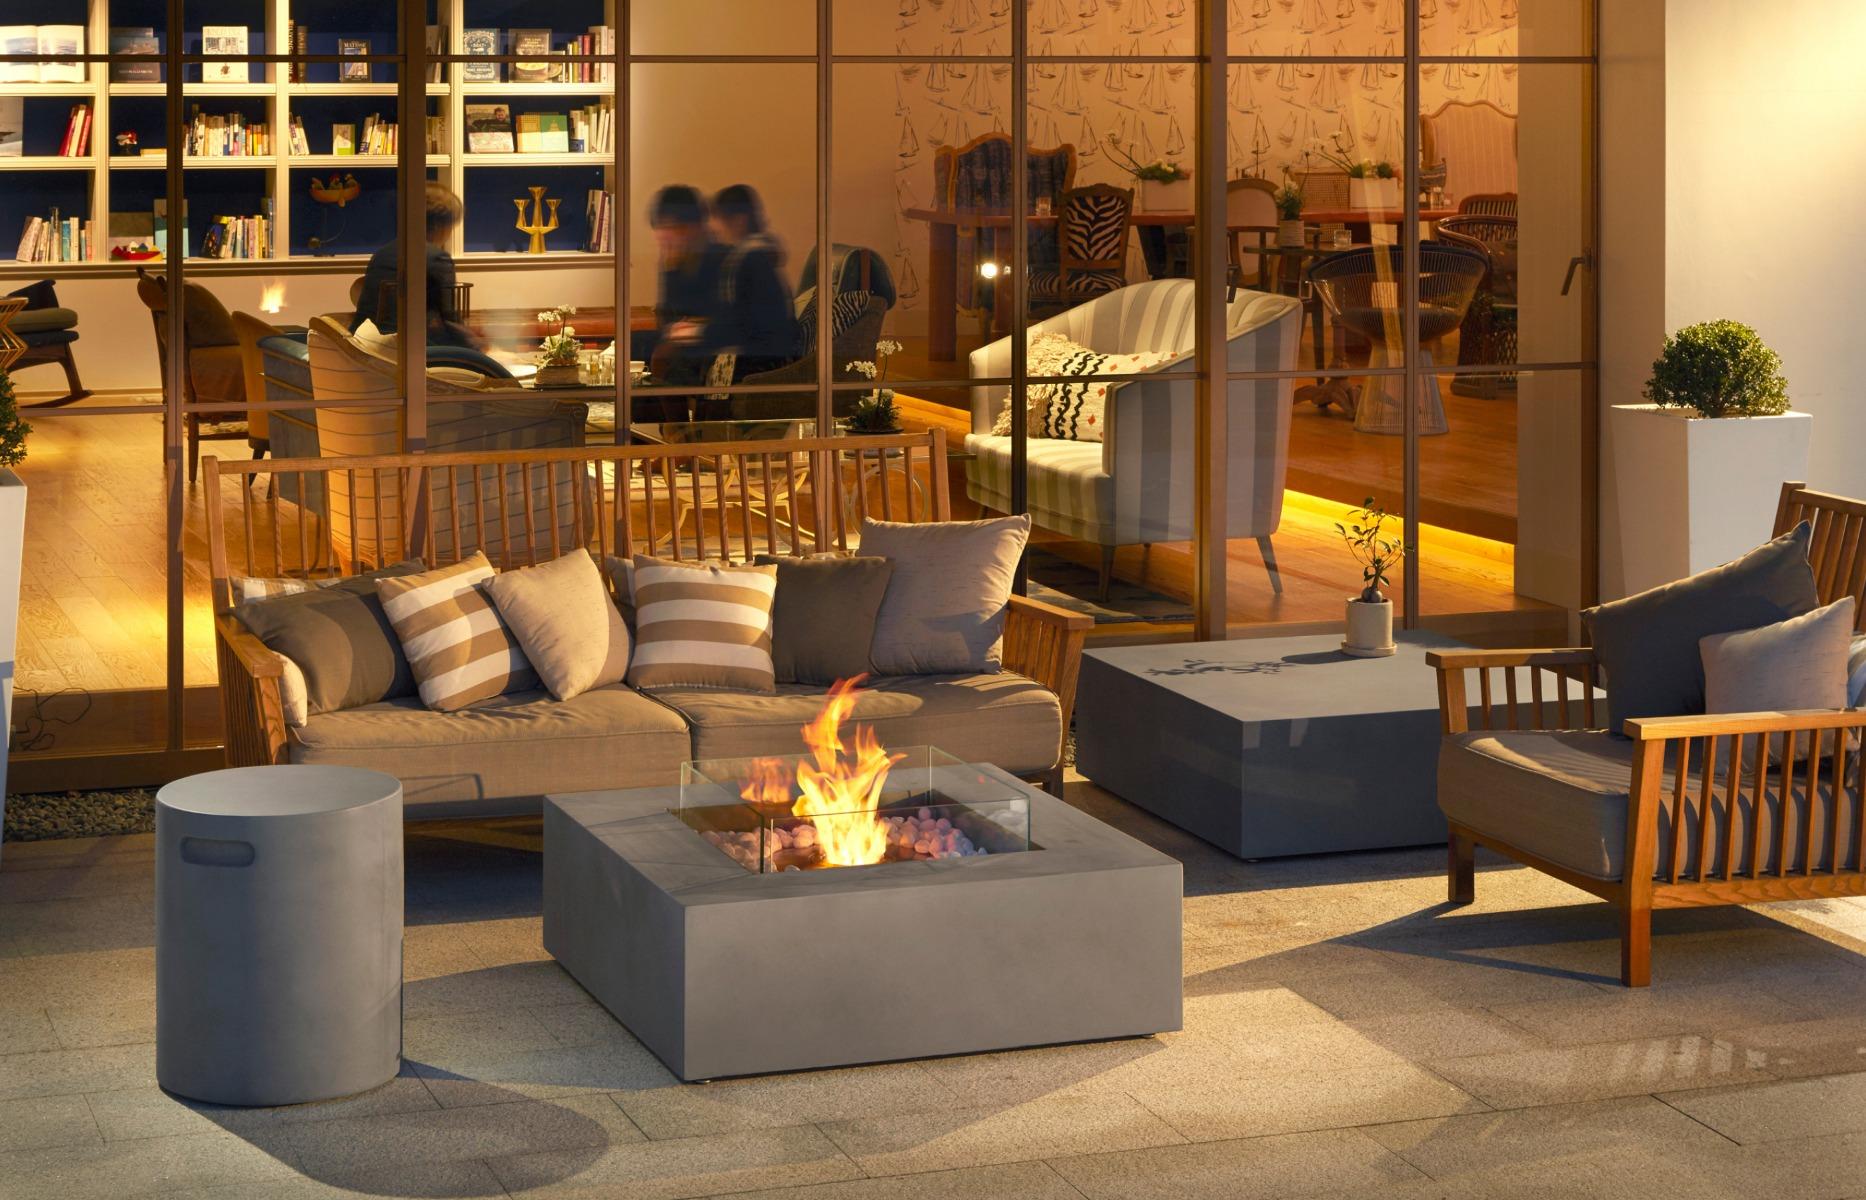 EcoSmart Fire base fire tables